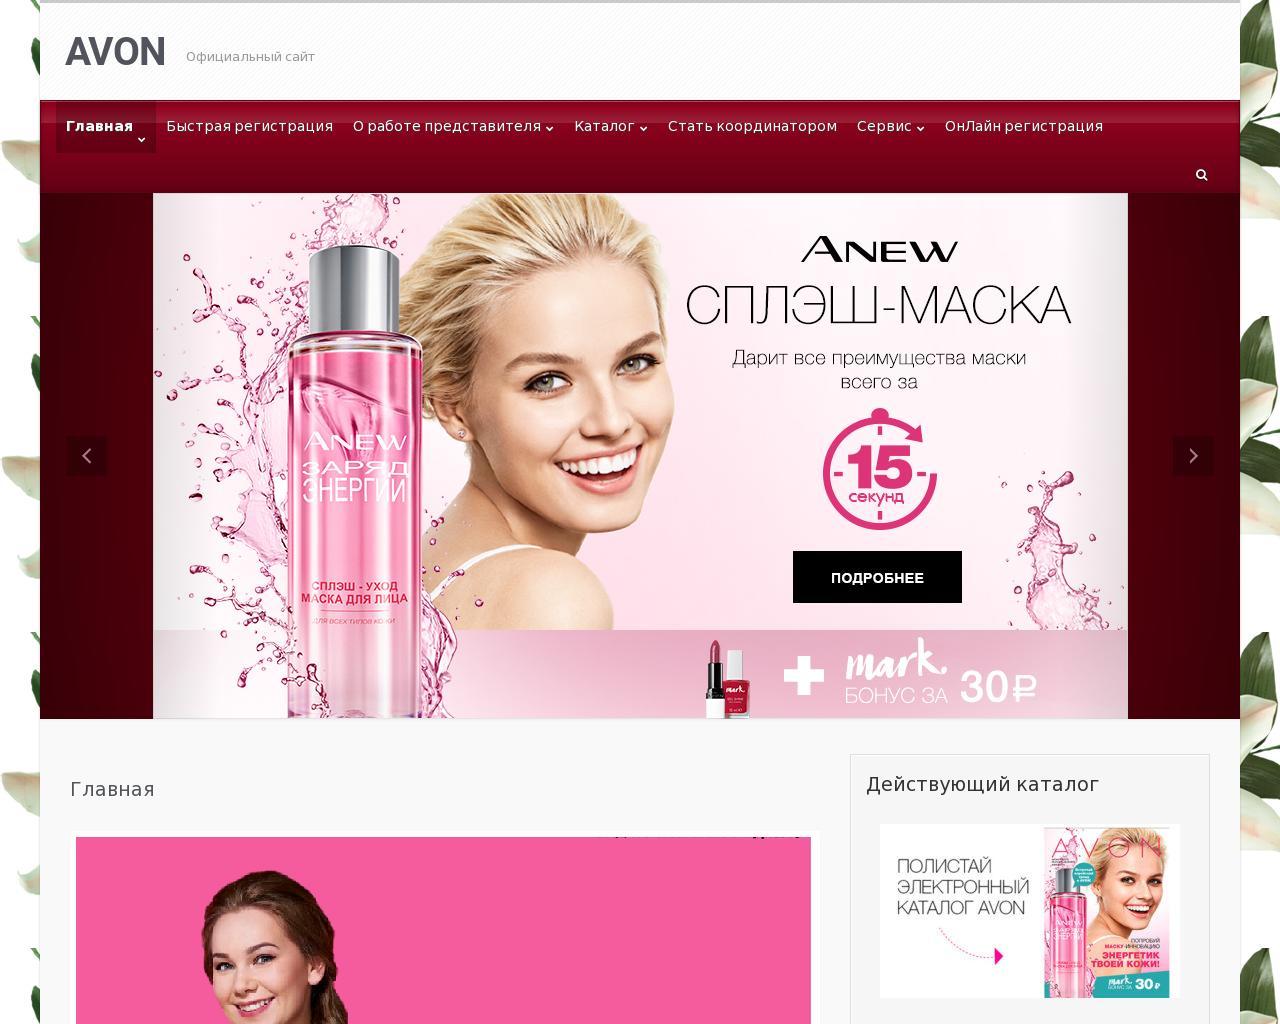 avon официальный сайт регистрация